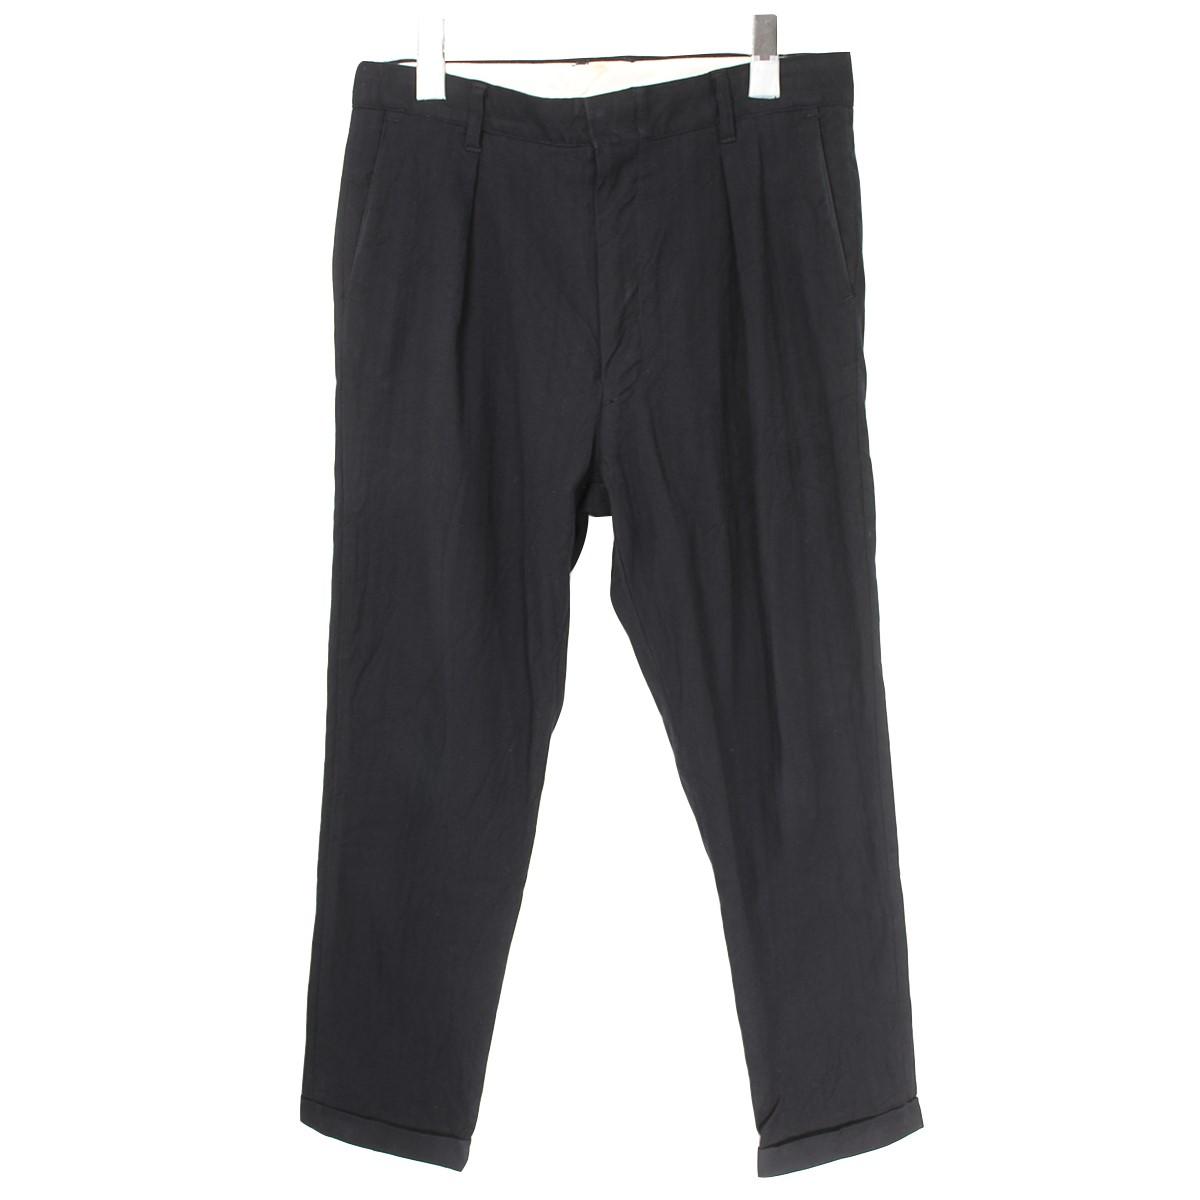 【中古】ISAMU KATAYAMA BACKLASHHerringbone Black Stretch Pants ヘリンボーンストレッチパンツ ブラック サイズ:S 【3月30日見直し】